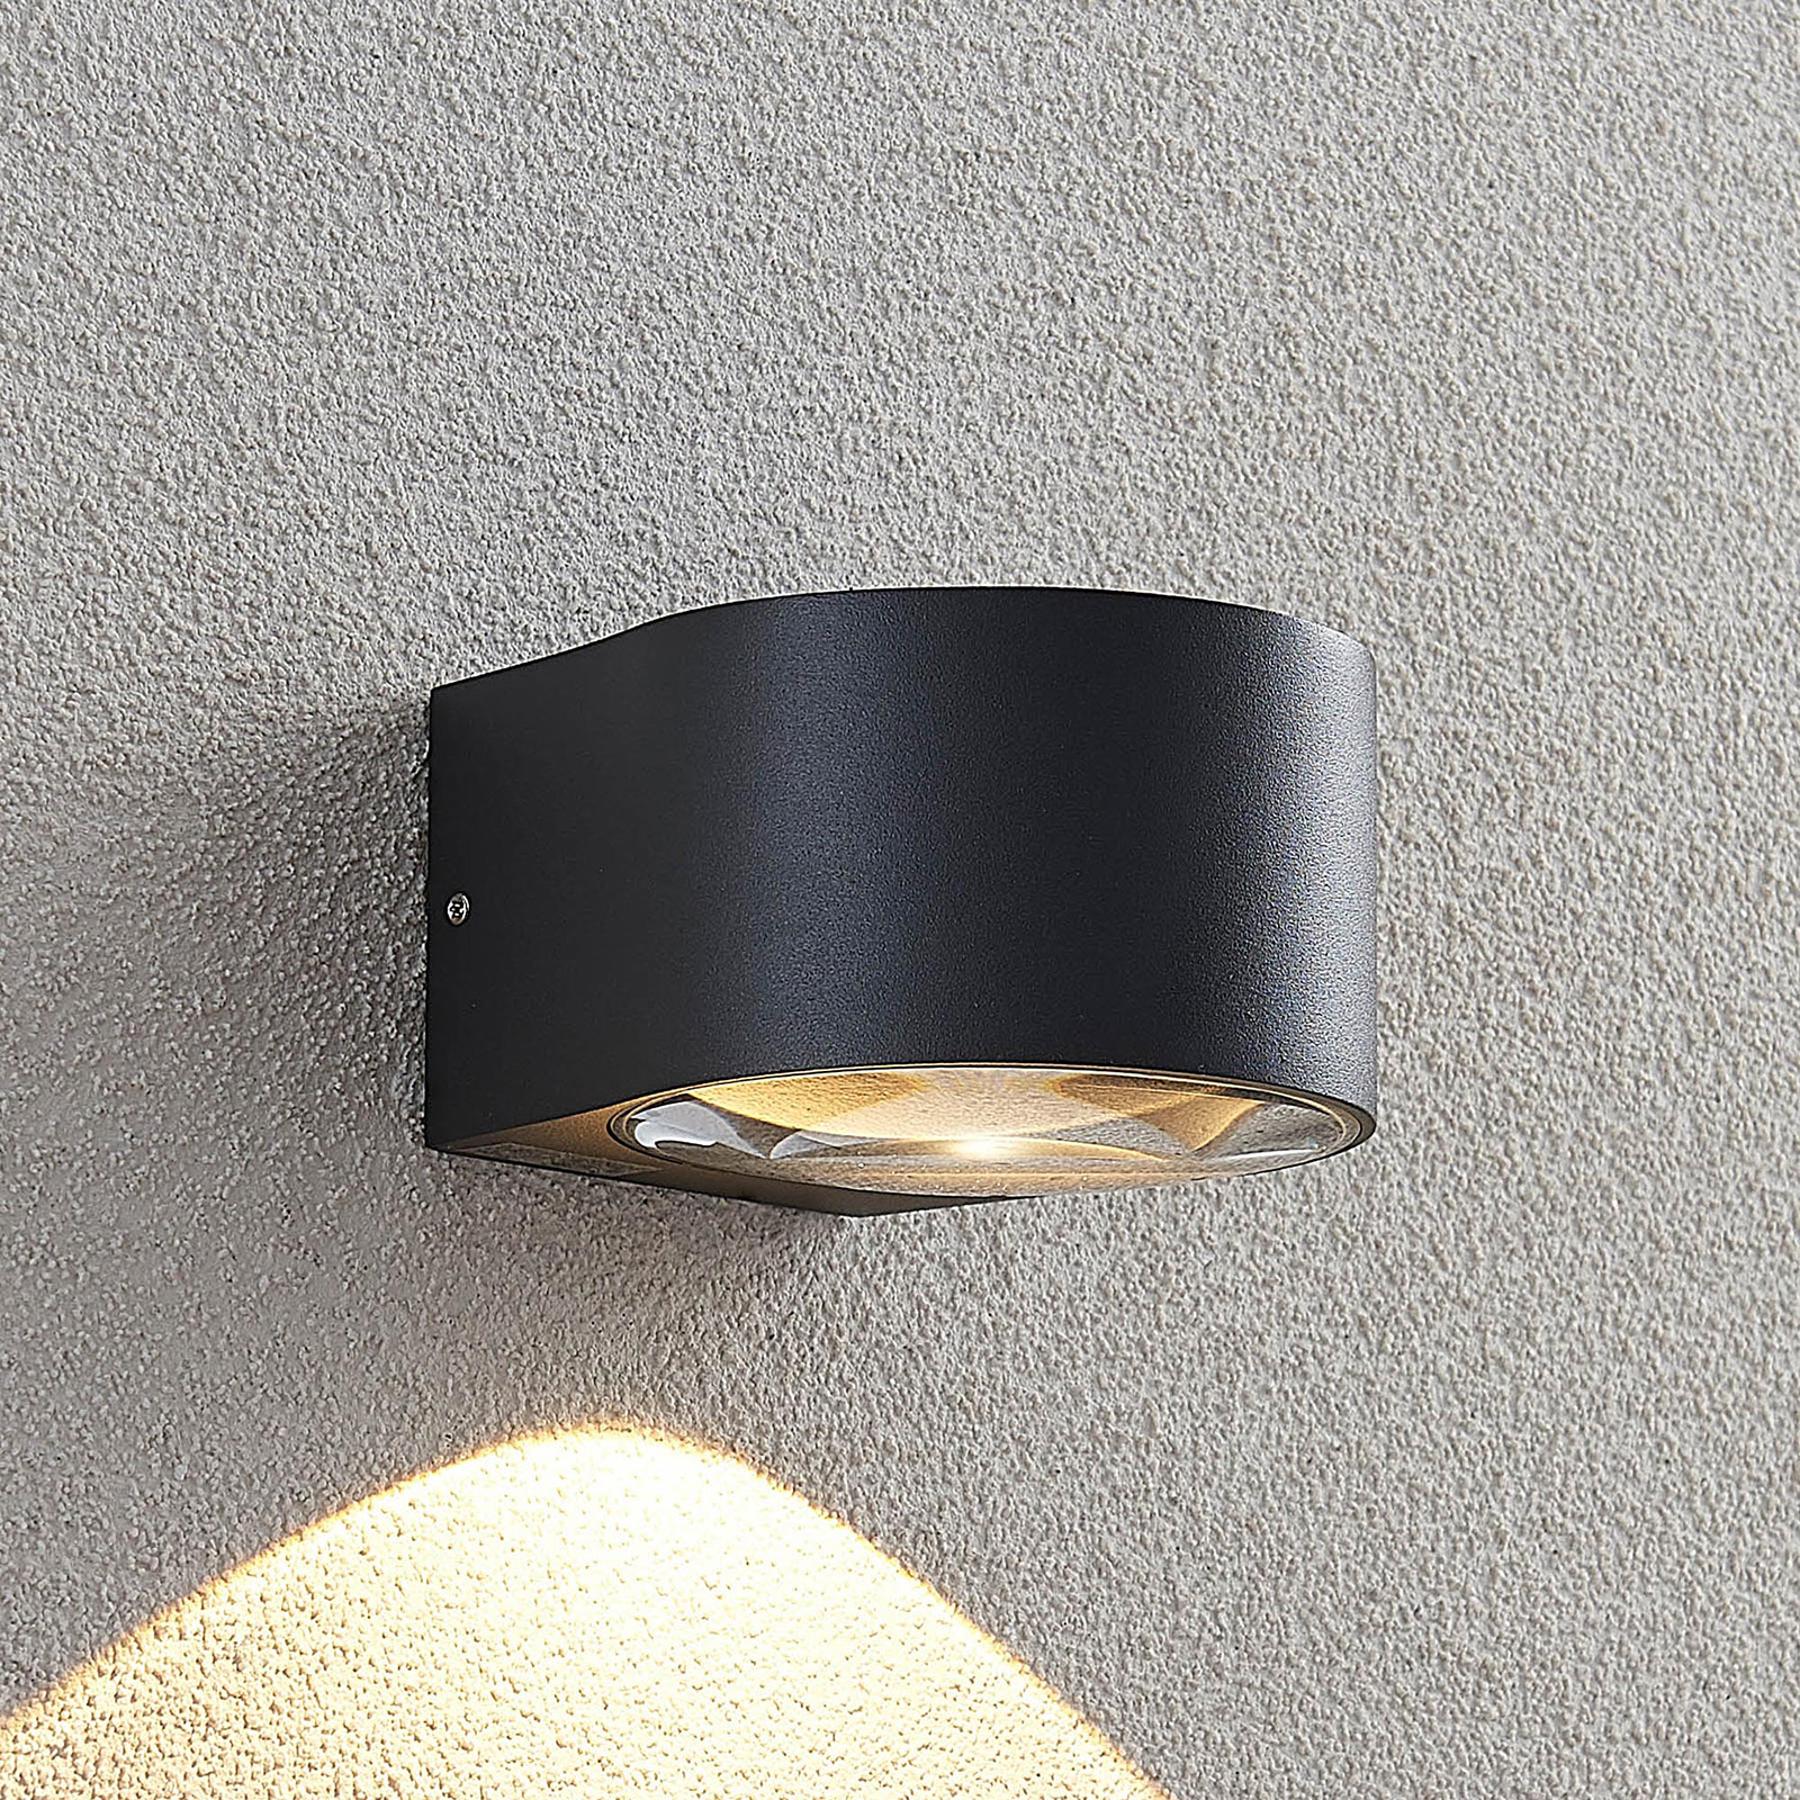 Lucande Lucande Astrida LED nástěnné světlo, 1žárovkové